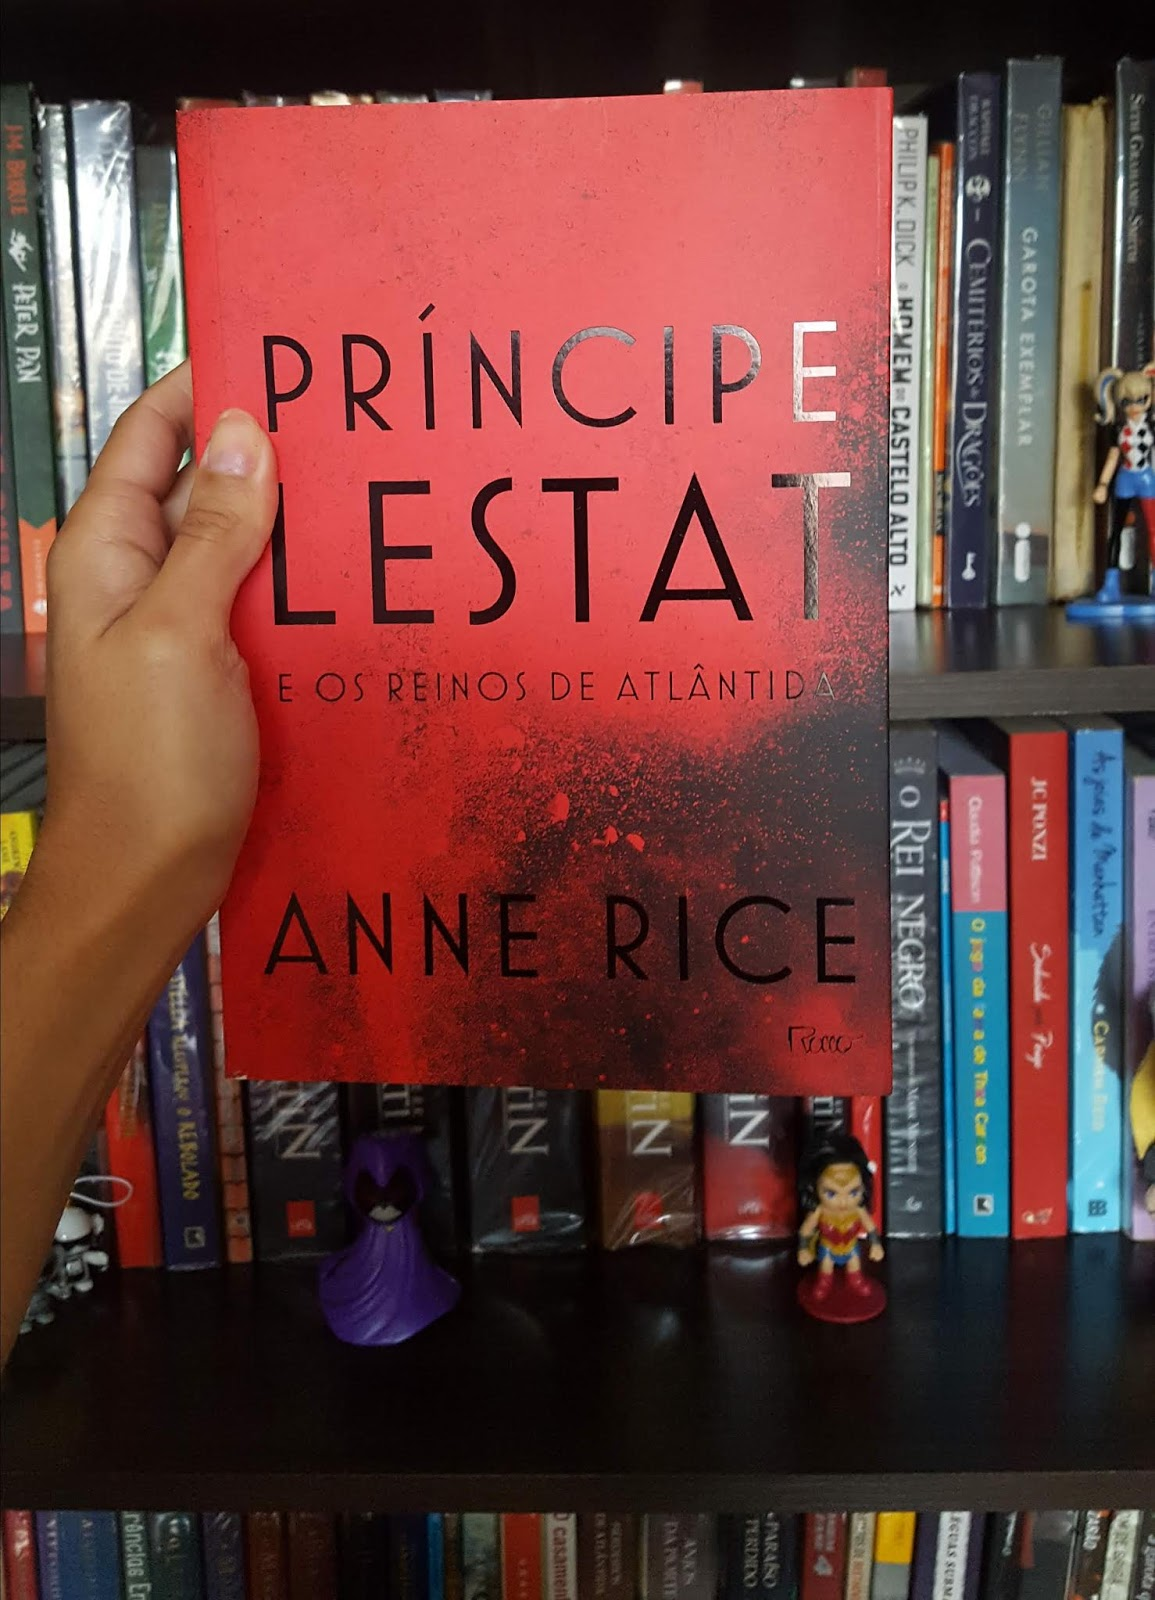 Príncipe Lestat